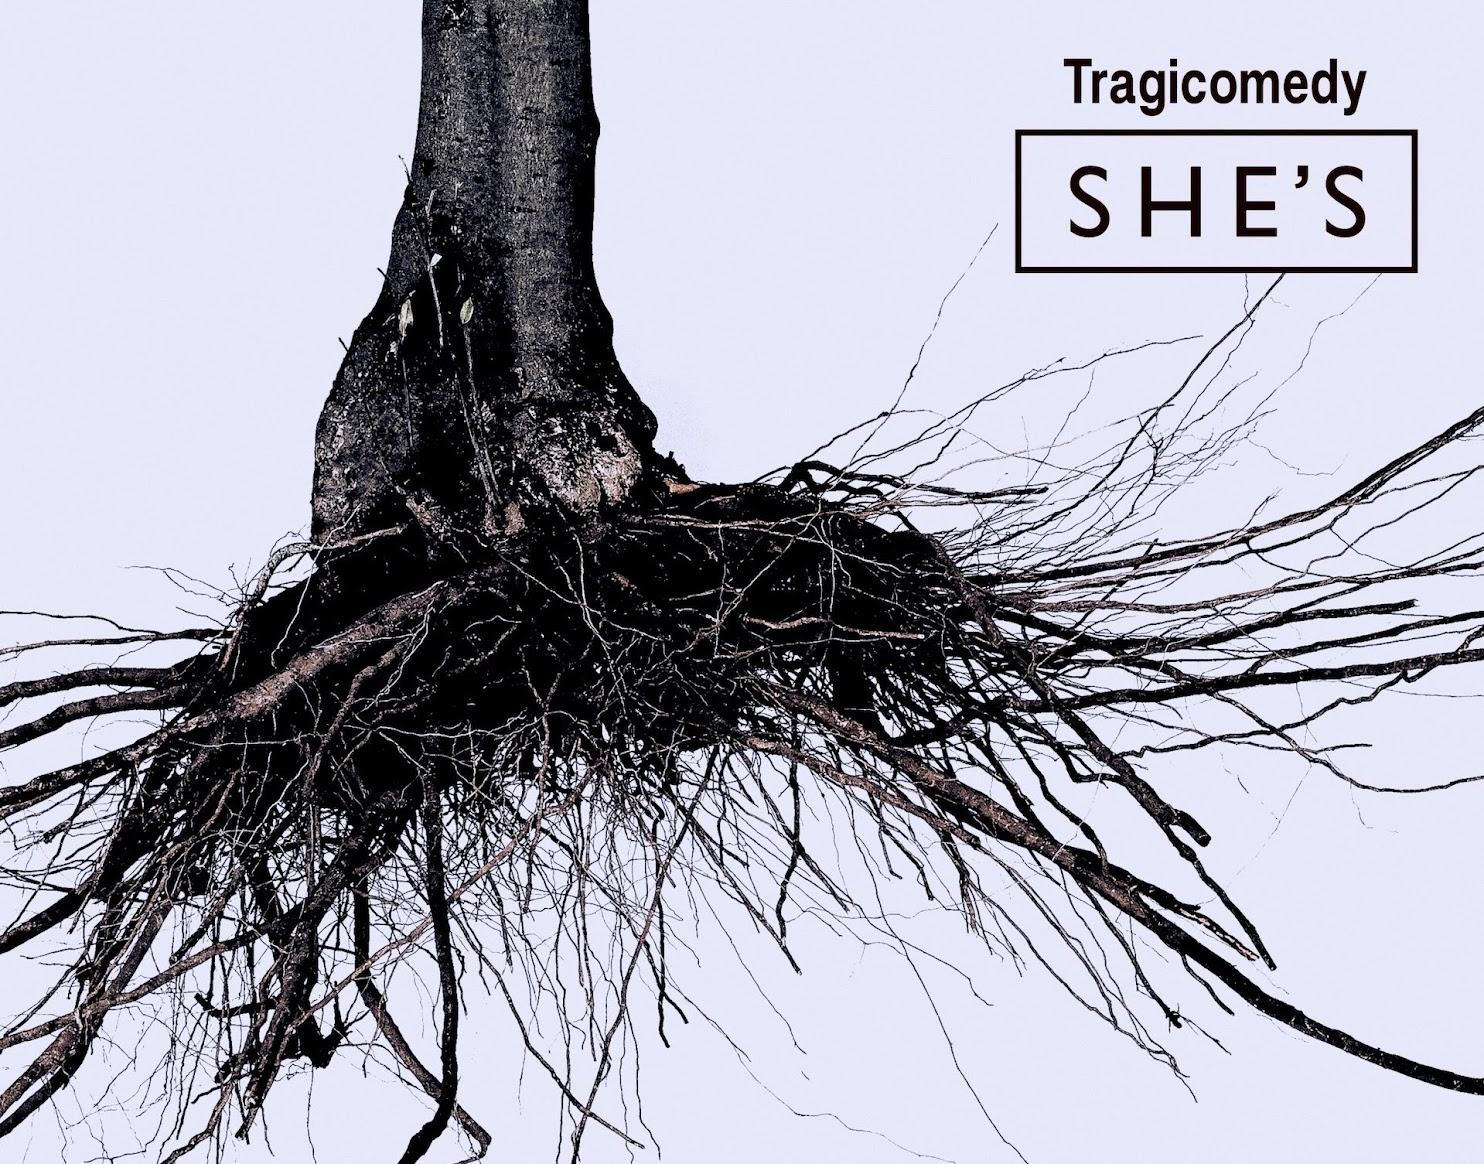 SHE'S 主唱 井上龍馬 解說專輯《Tragicomedy》